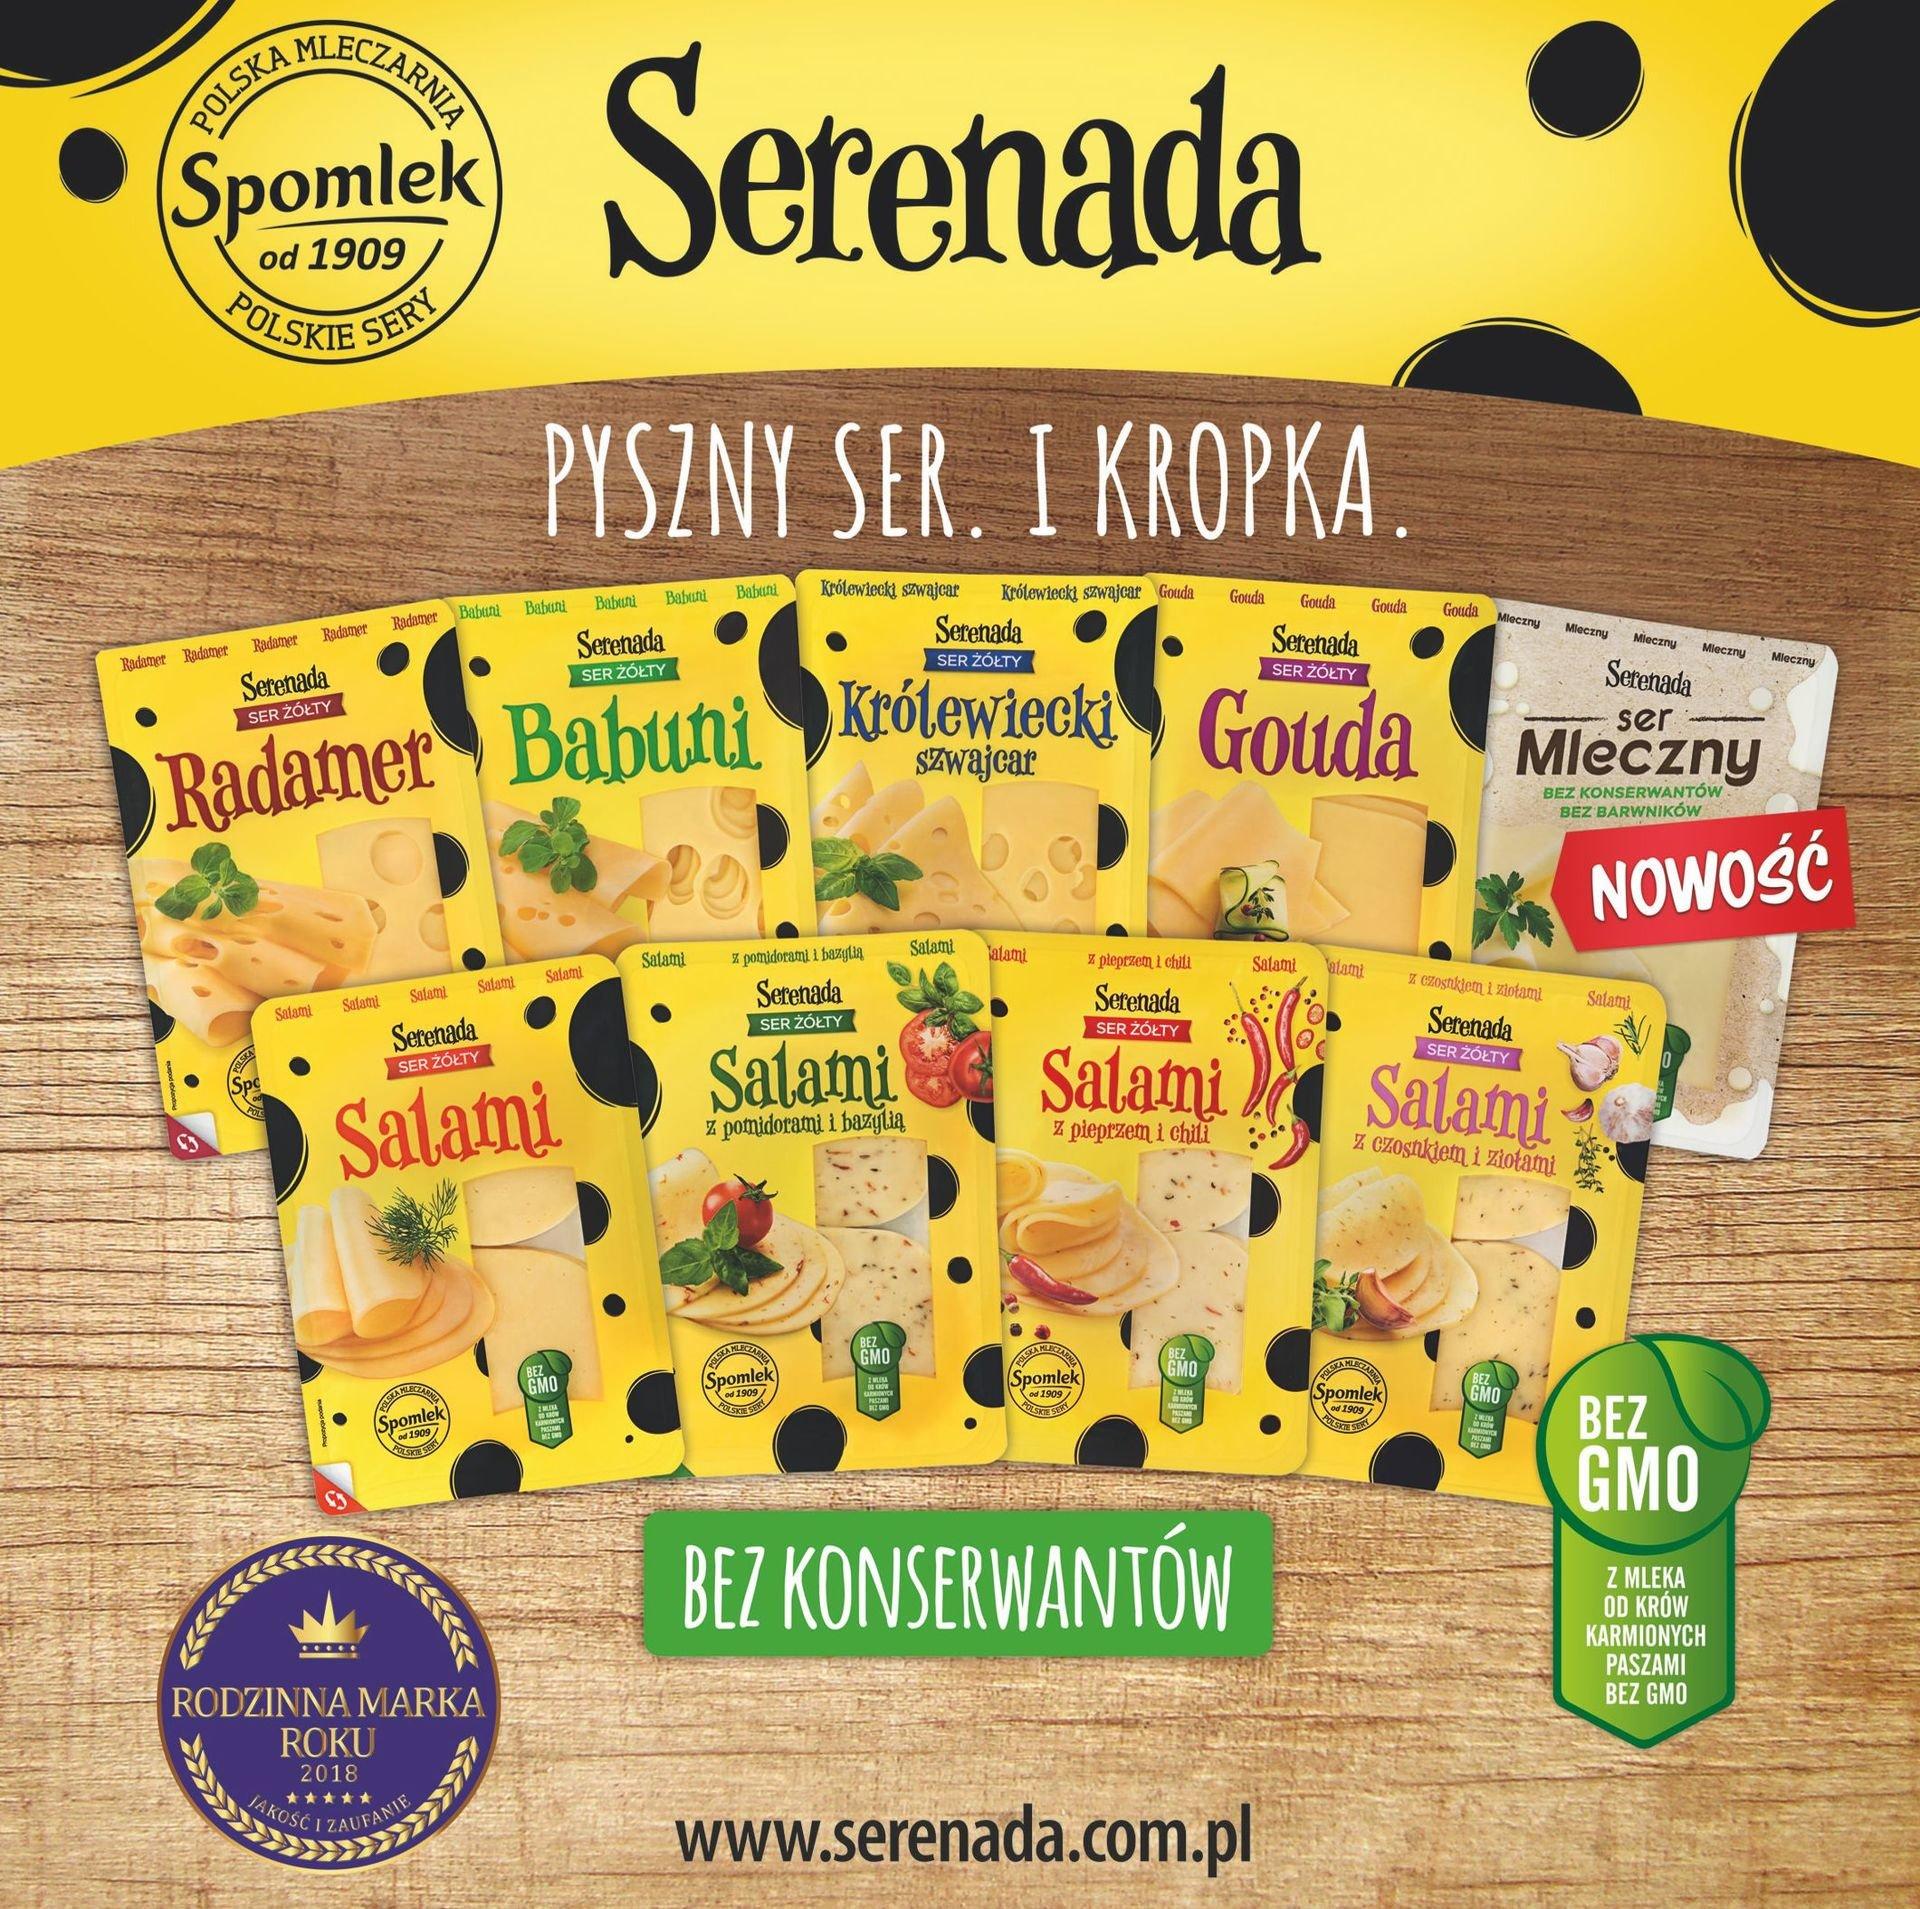 Pyszny ser i kropka - nowa kampania promocyjna Serenady